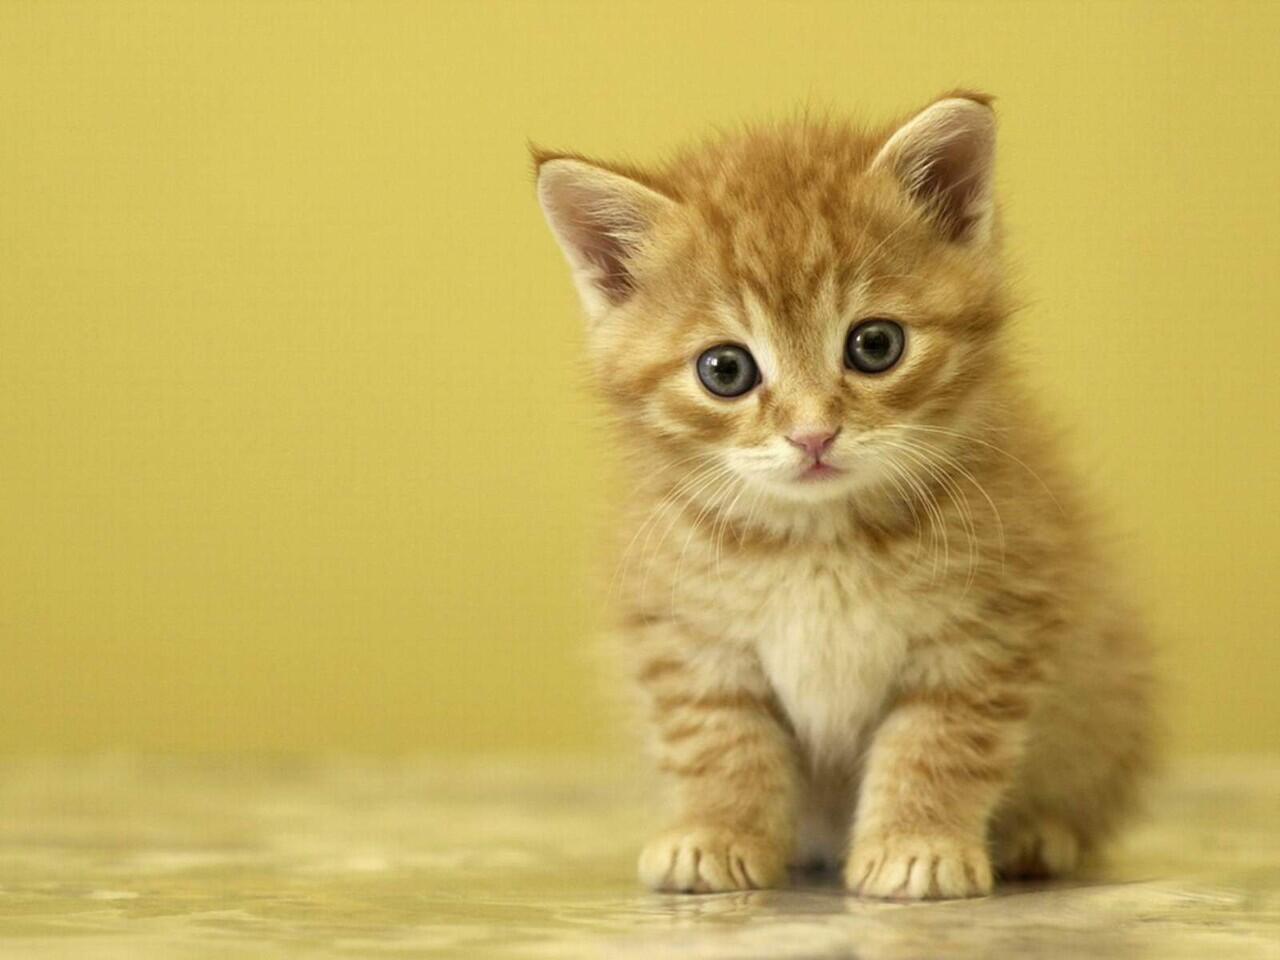 Jangan Buru-Buru Mengusir Kucing yang Datang Saat Kita Makan, Ini Sebabnya!